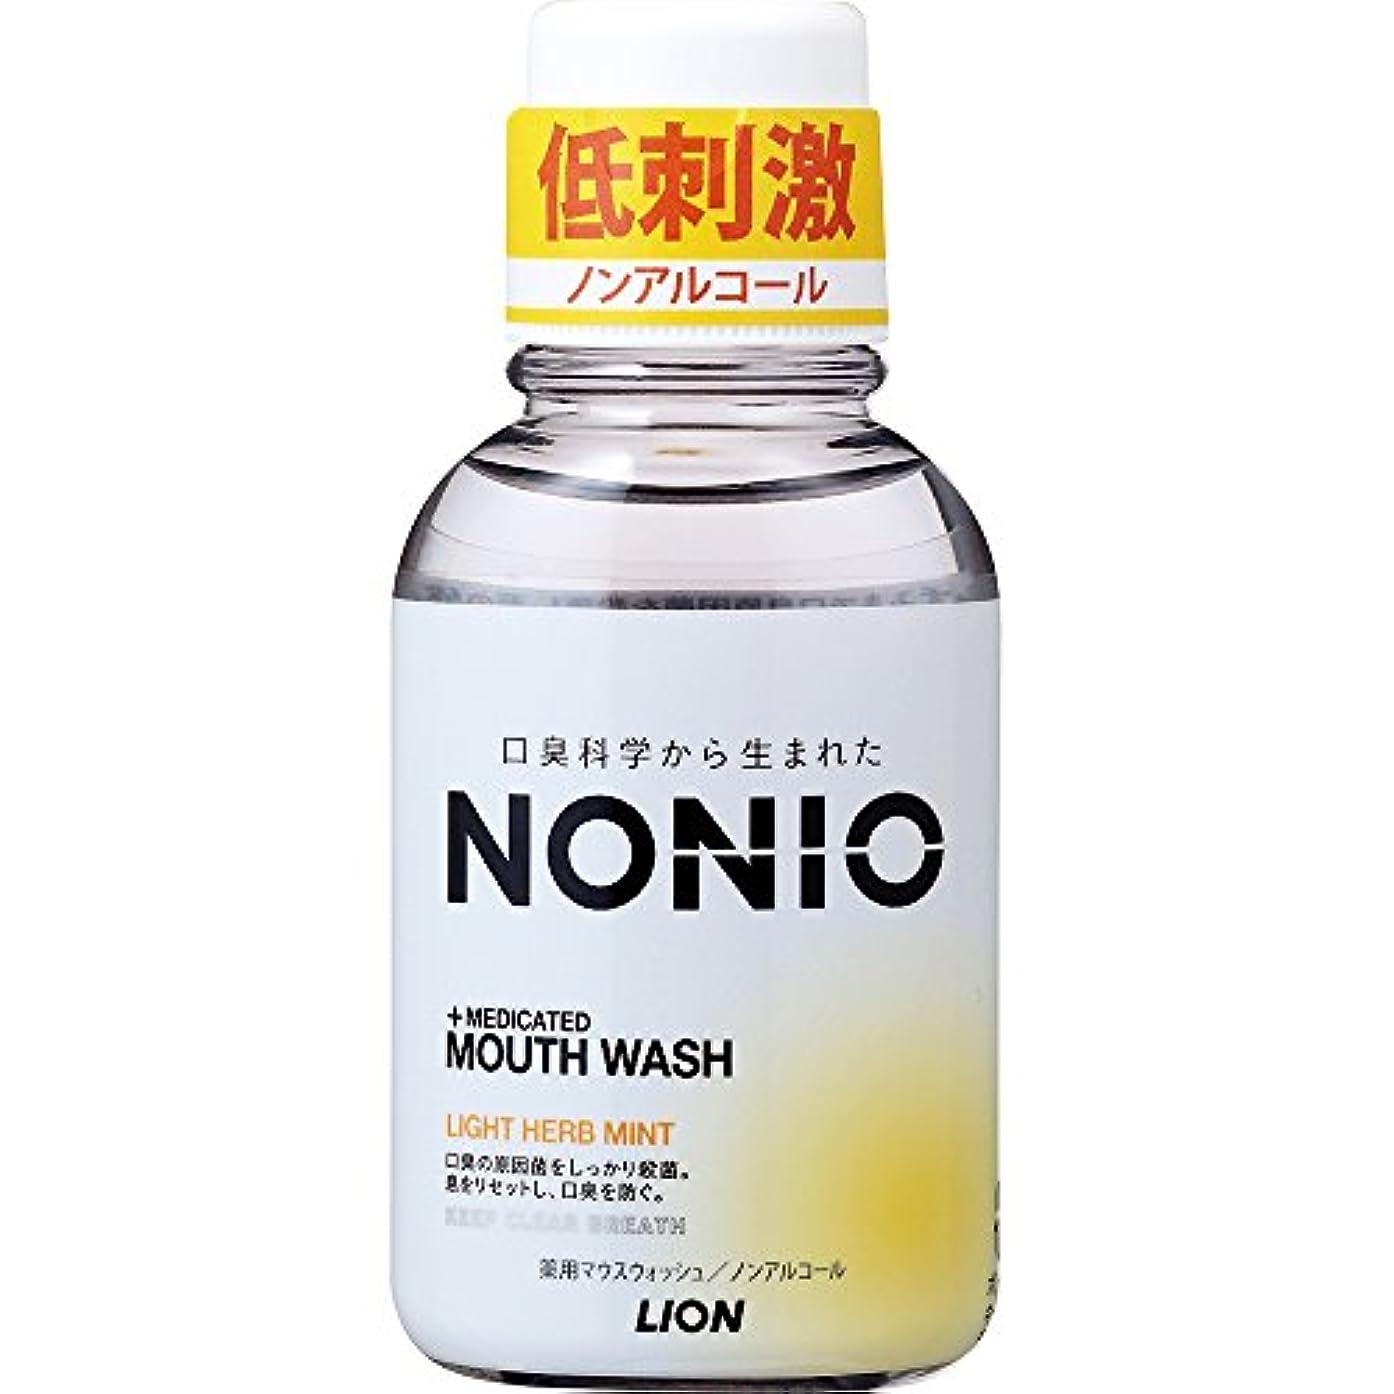 ポテトトレース必要とするNONIO マウスウォッシュ ノンアルコール ライトハーブミント 80ml 洗口液 (医薬部外品)